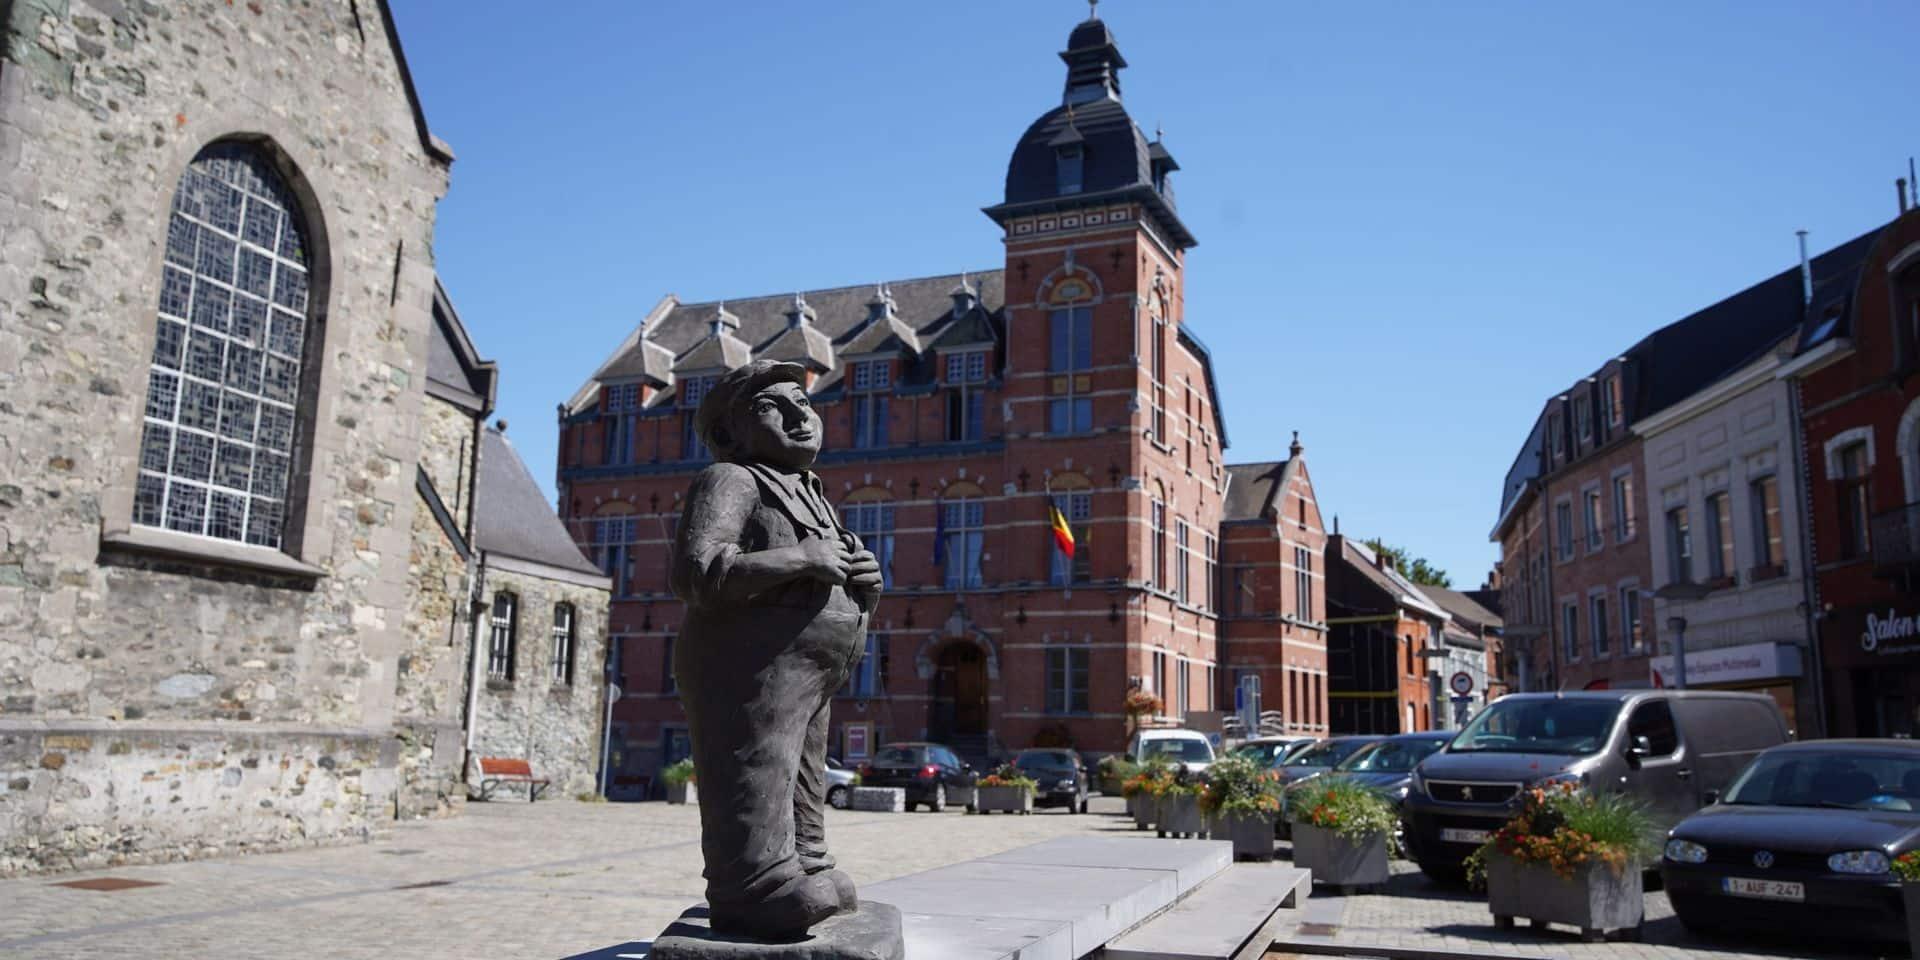 Affaire Picalausa à Tubize: l'ancienne cheffe du service urbanisme s'exprime sur le courrier de 2014